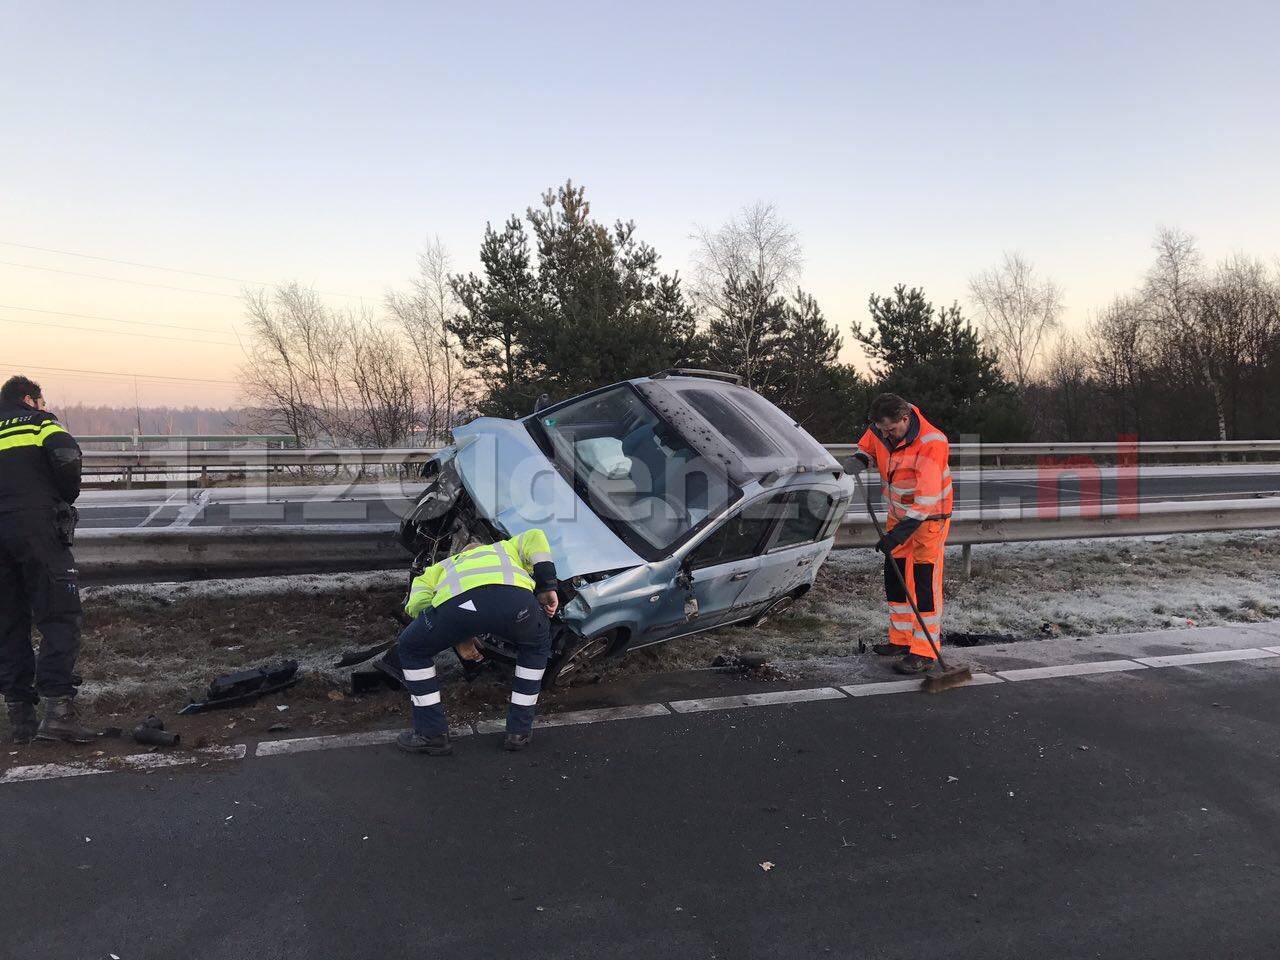 VIDEO: Meerdere gewonden na ongevallen op A1 bij Oldenzaal